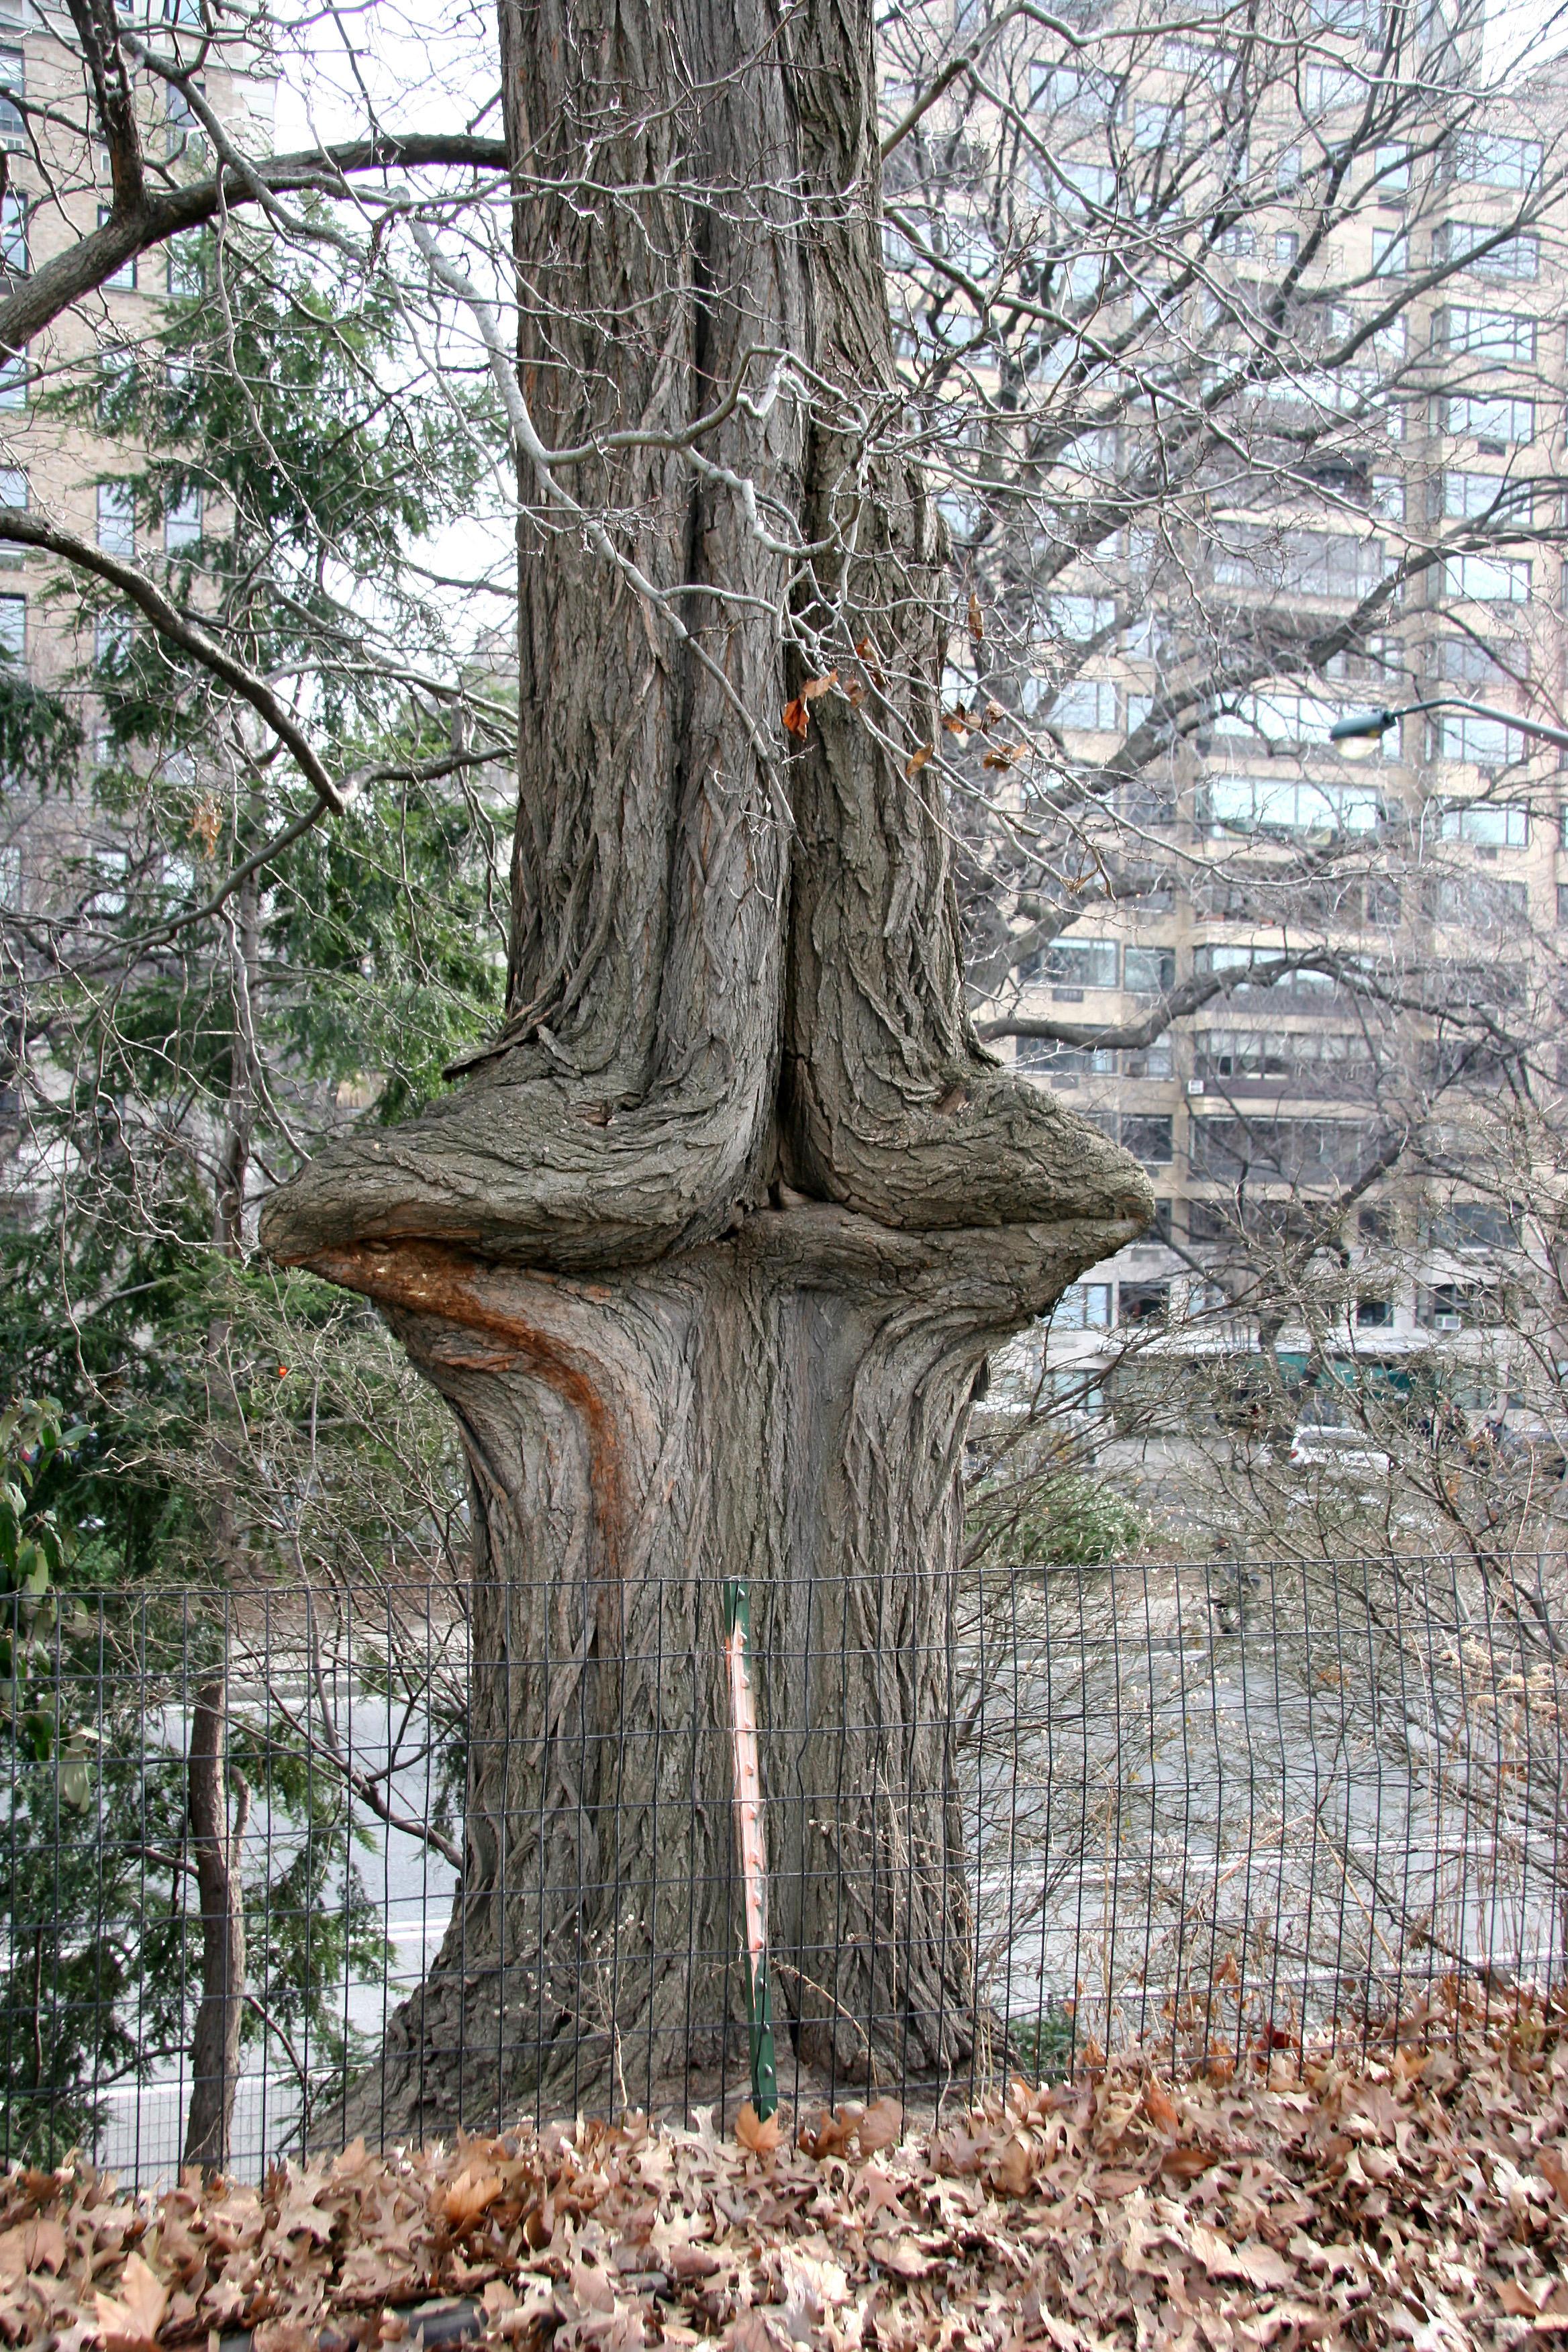 Unusual Red? Oak Tree Trunk by the Reservoir